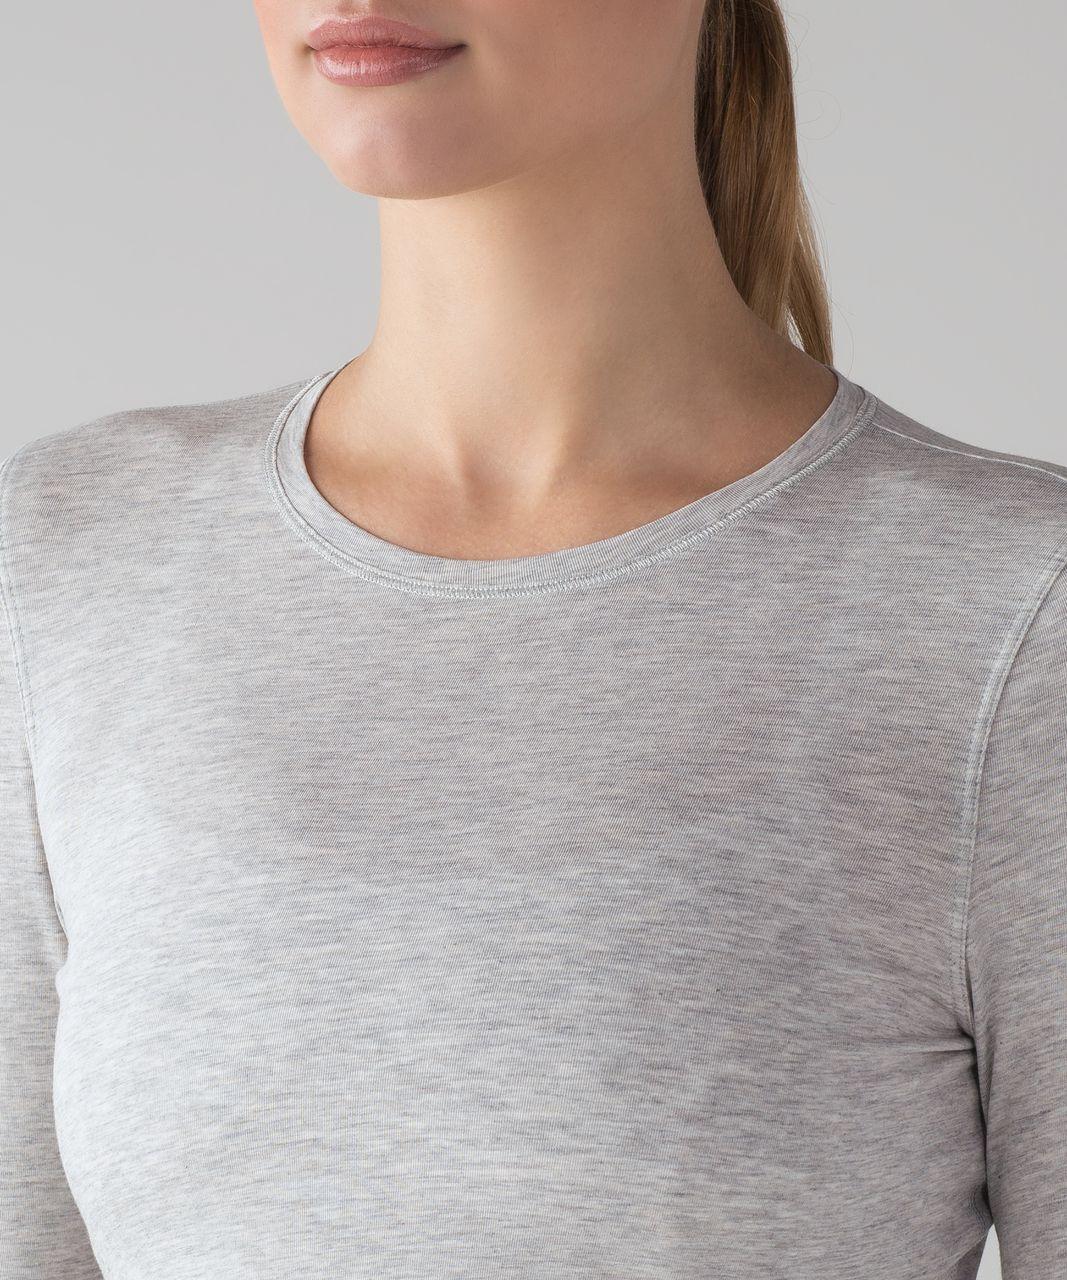 Lululemon Kitsilano Long Sleeve - Heathered Vapor